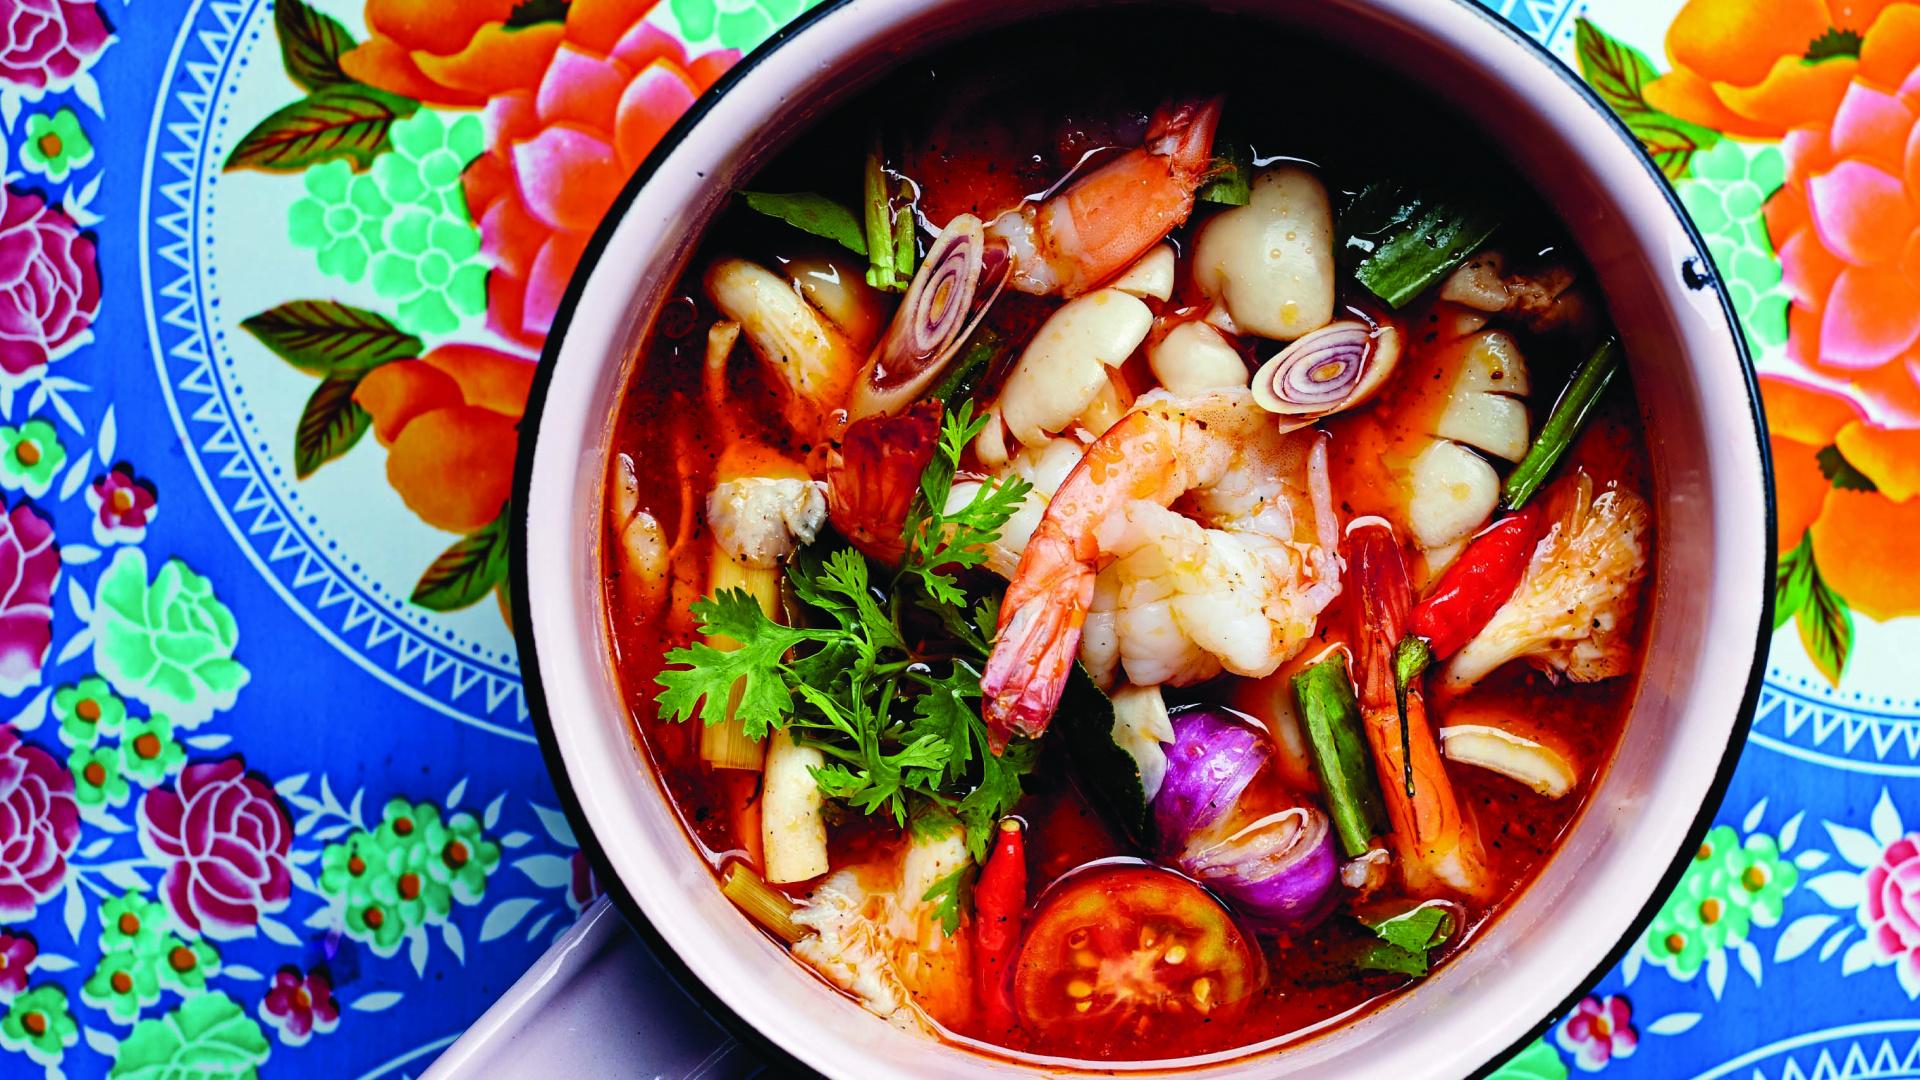 Kiin by Nuit Regular | Tom yum soup